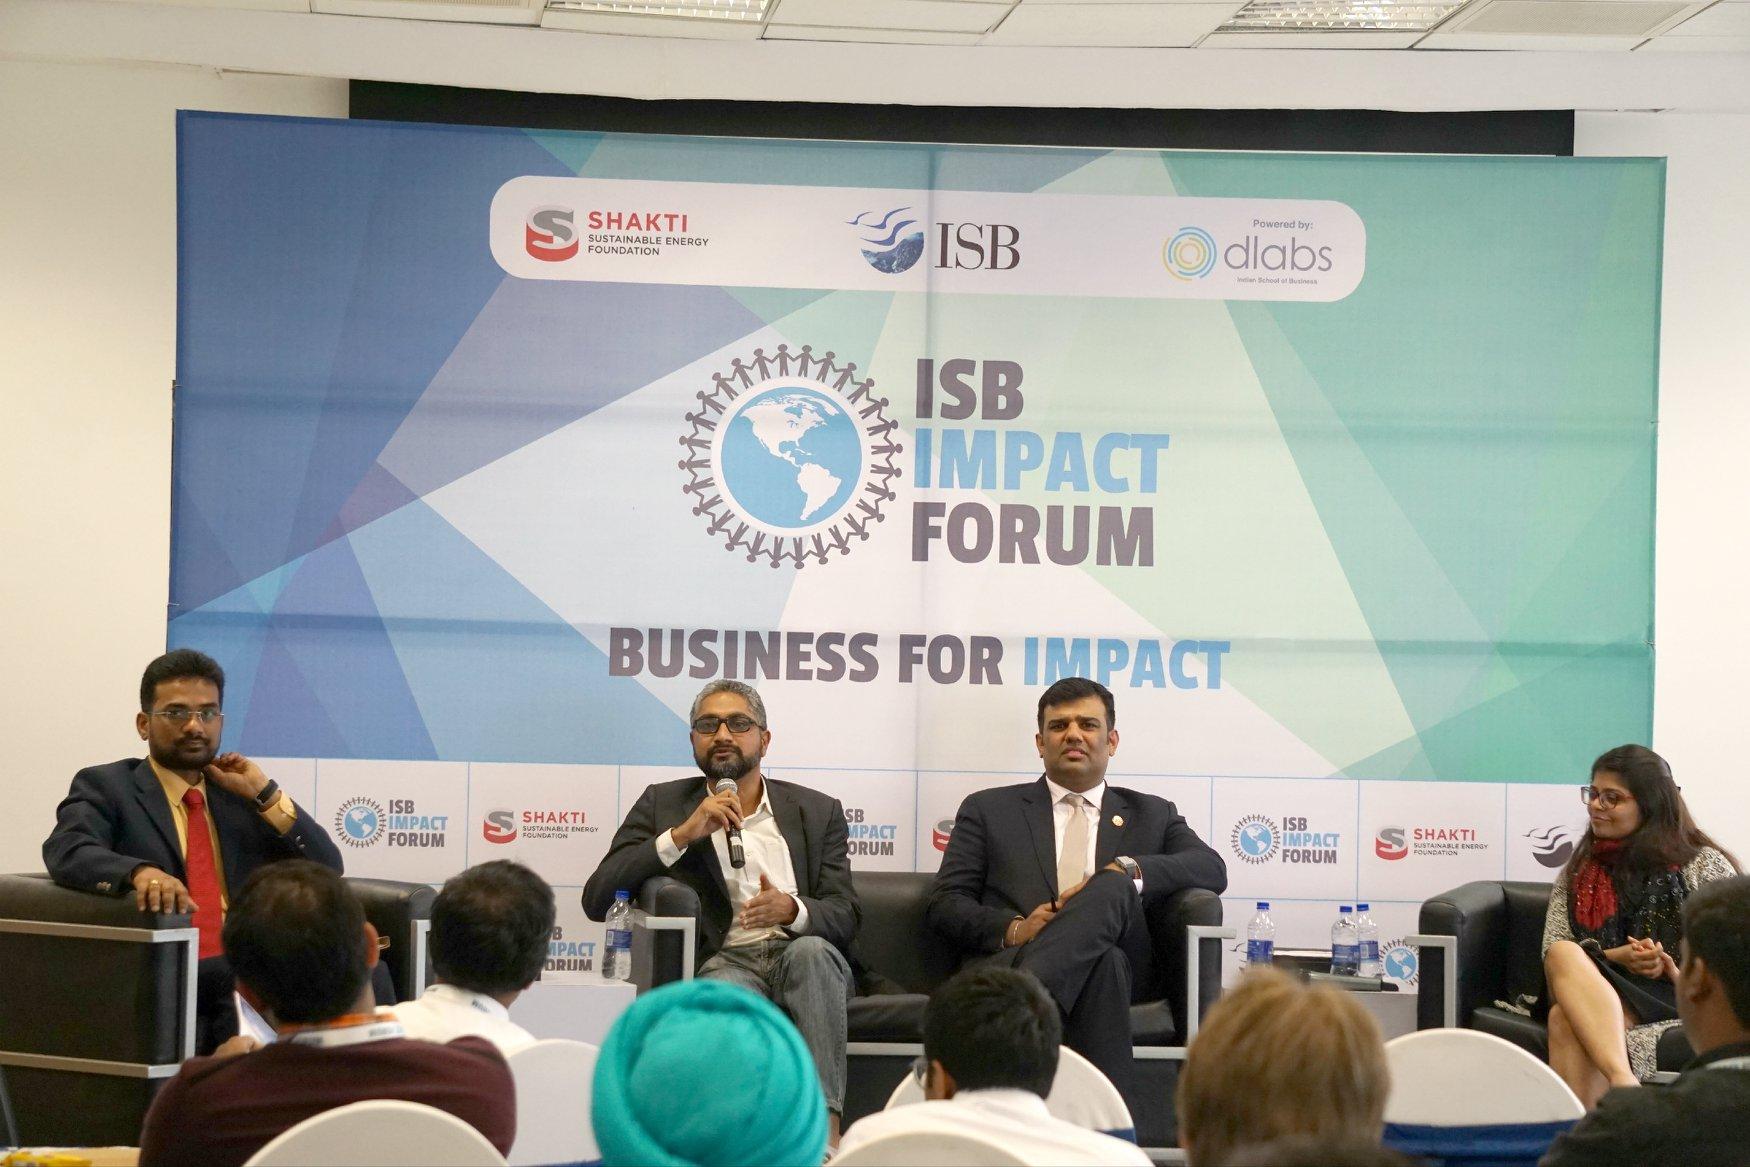 ISB Impact Forum